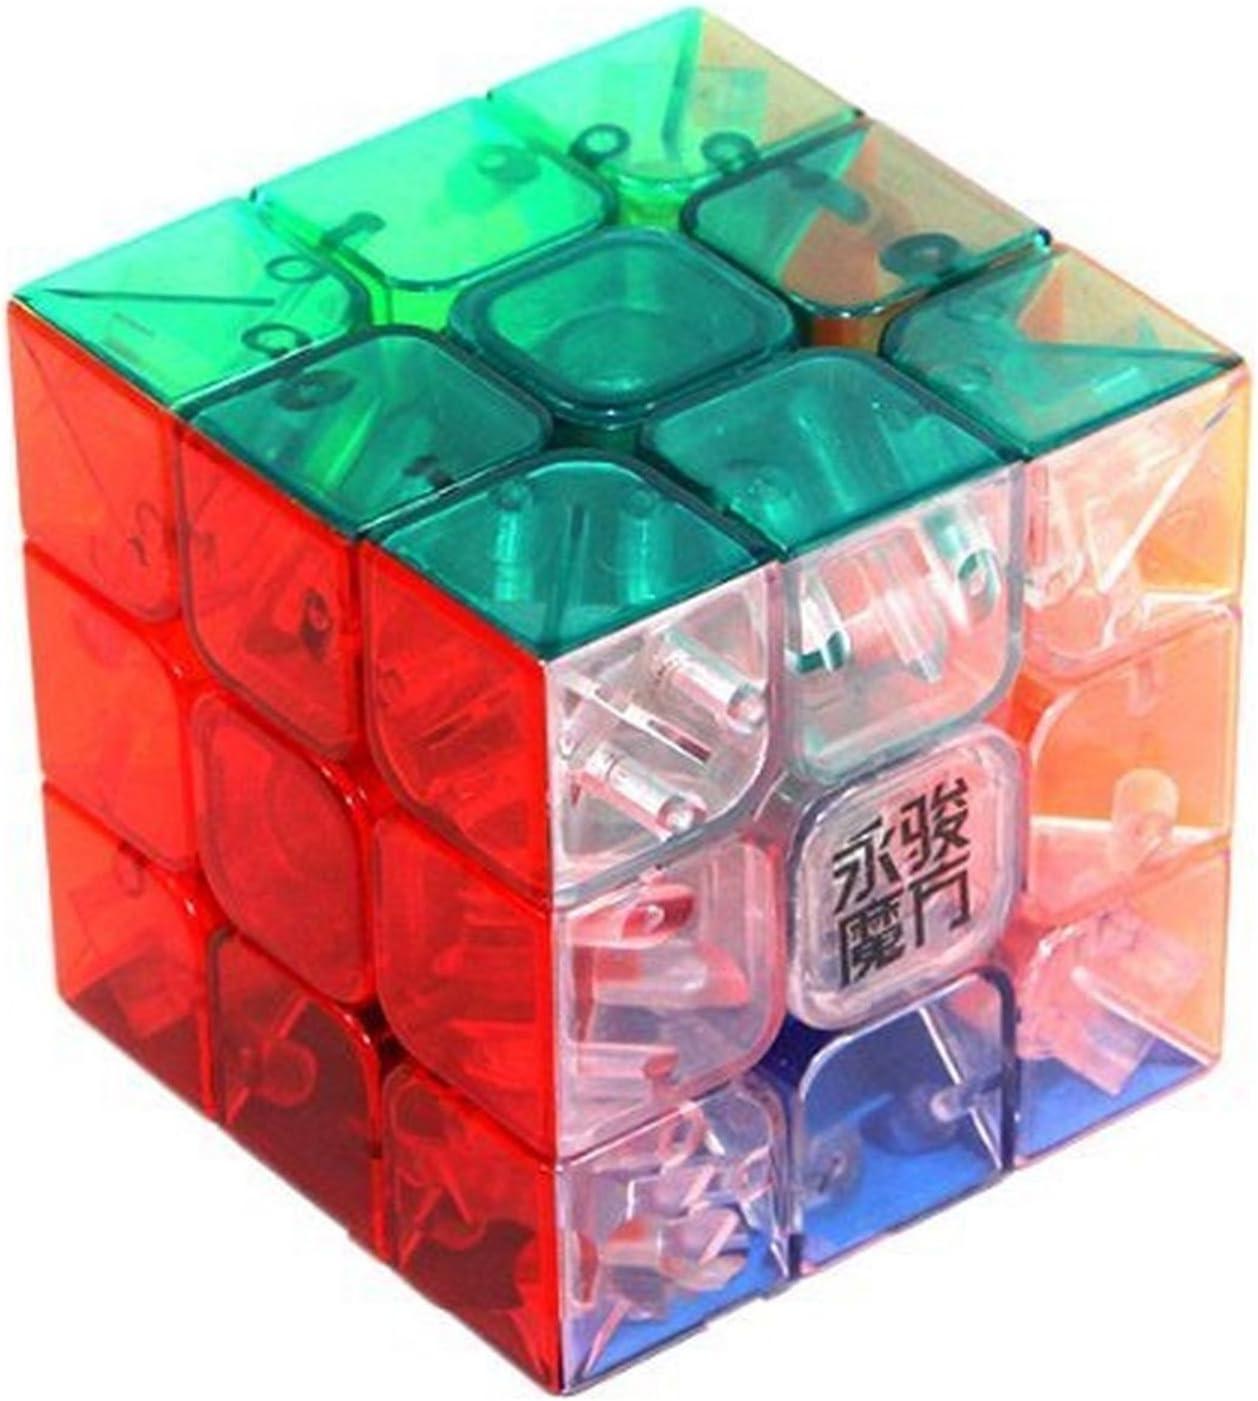 MoYu 3x3 1 x 3x3x3 YJYulong Puzzle sin pegatinas transparente 1 – Pack .HN#GG_634T6344 G134548TY21235: Amazon.es: Juguetes y juegos